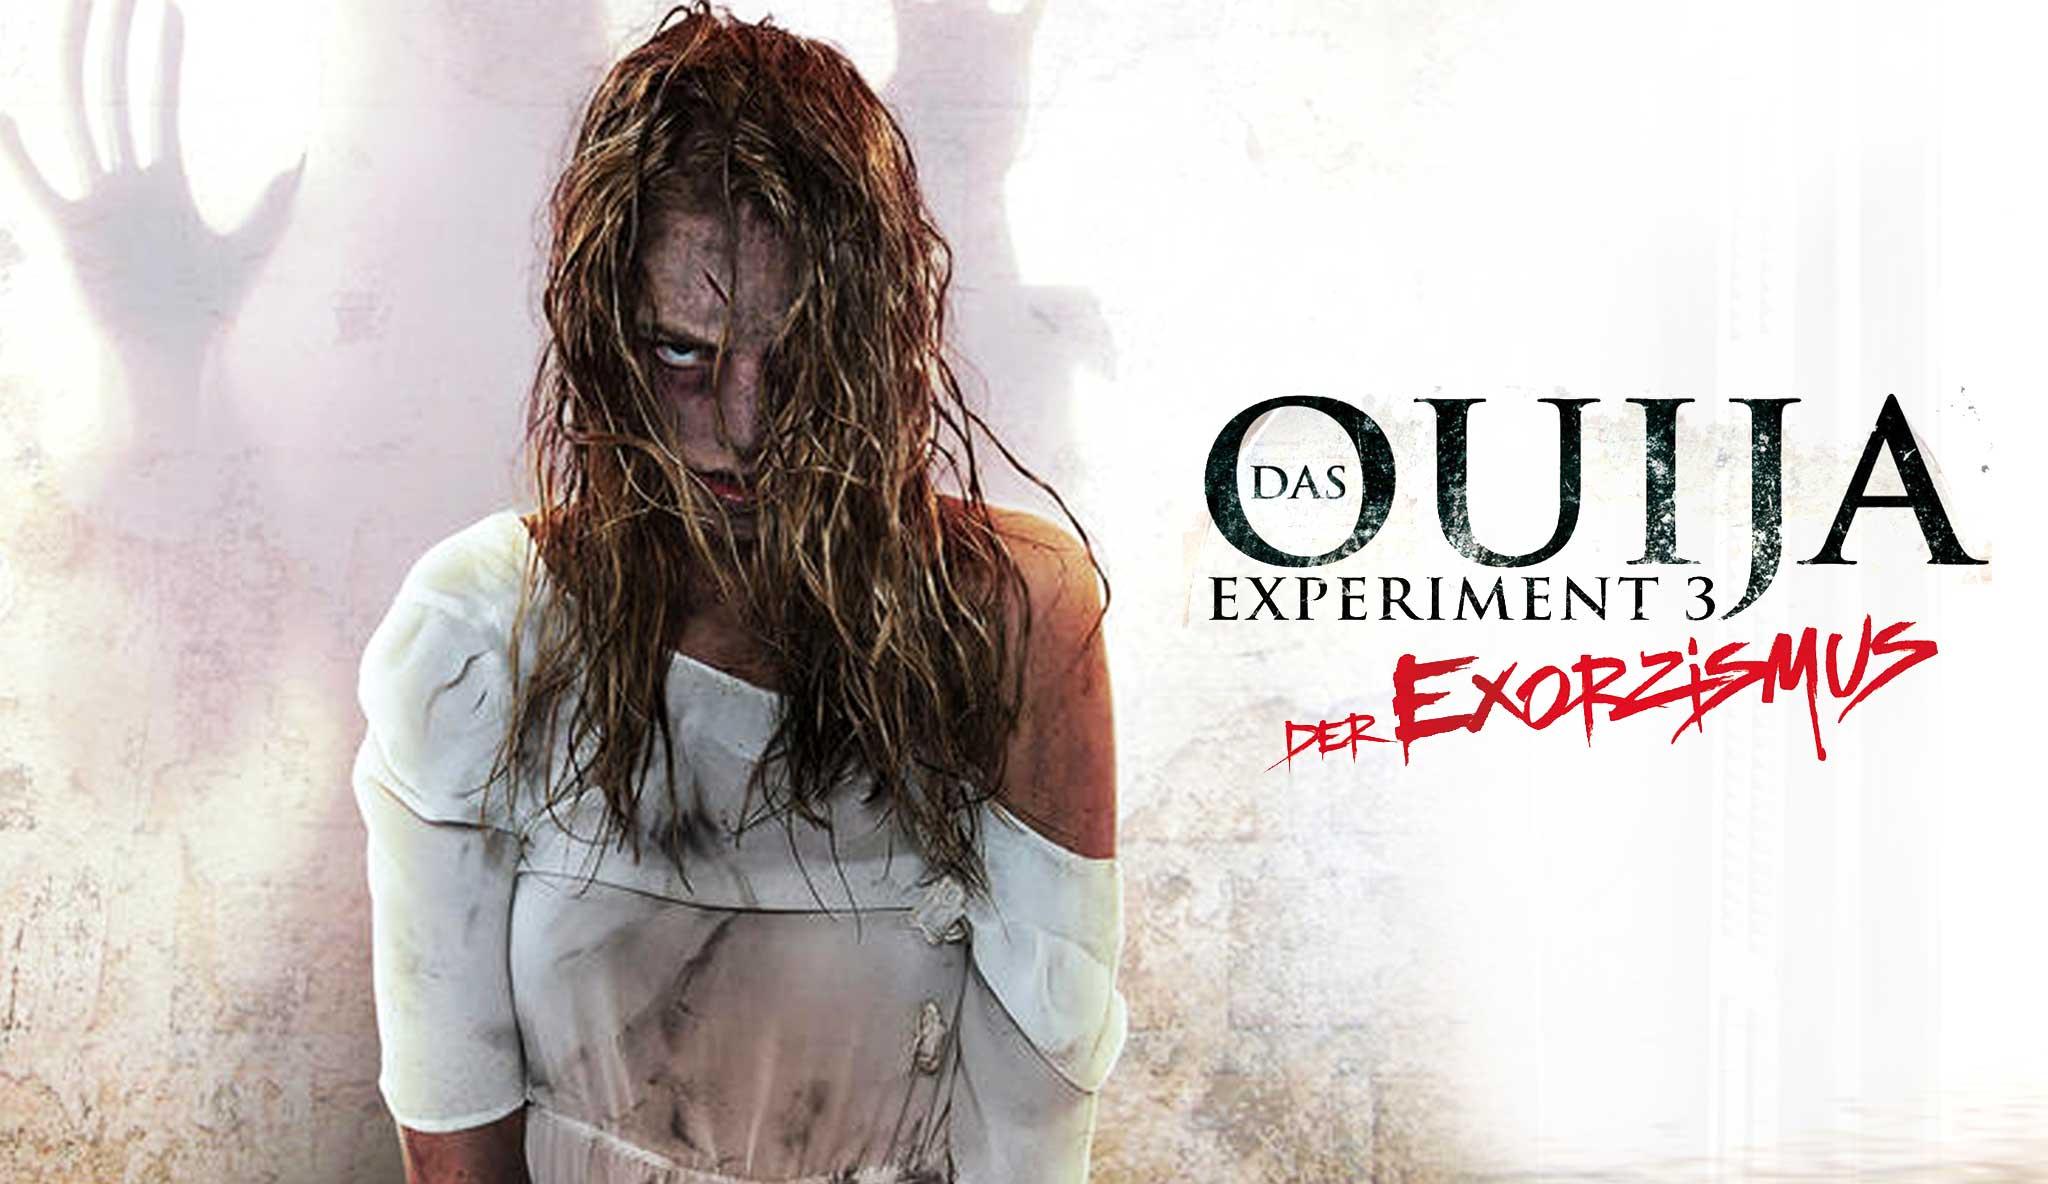 das-ouija-experiment-3-der-exorzismus\header.jpg